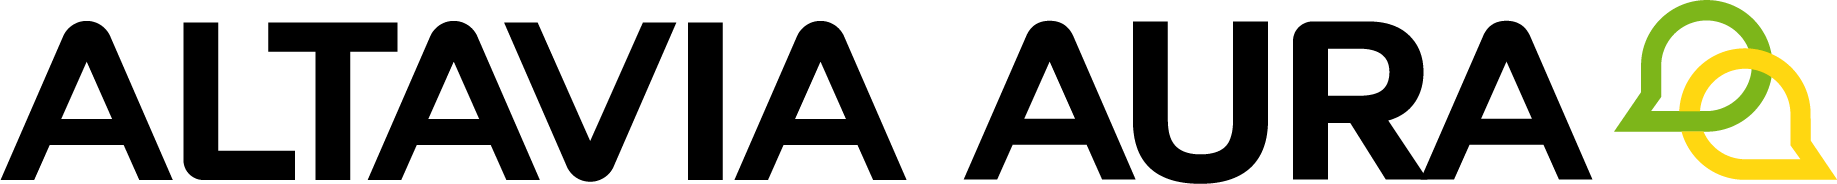 ALTAVIA AURA